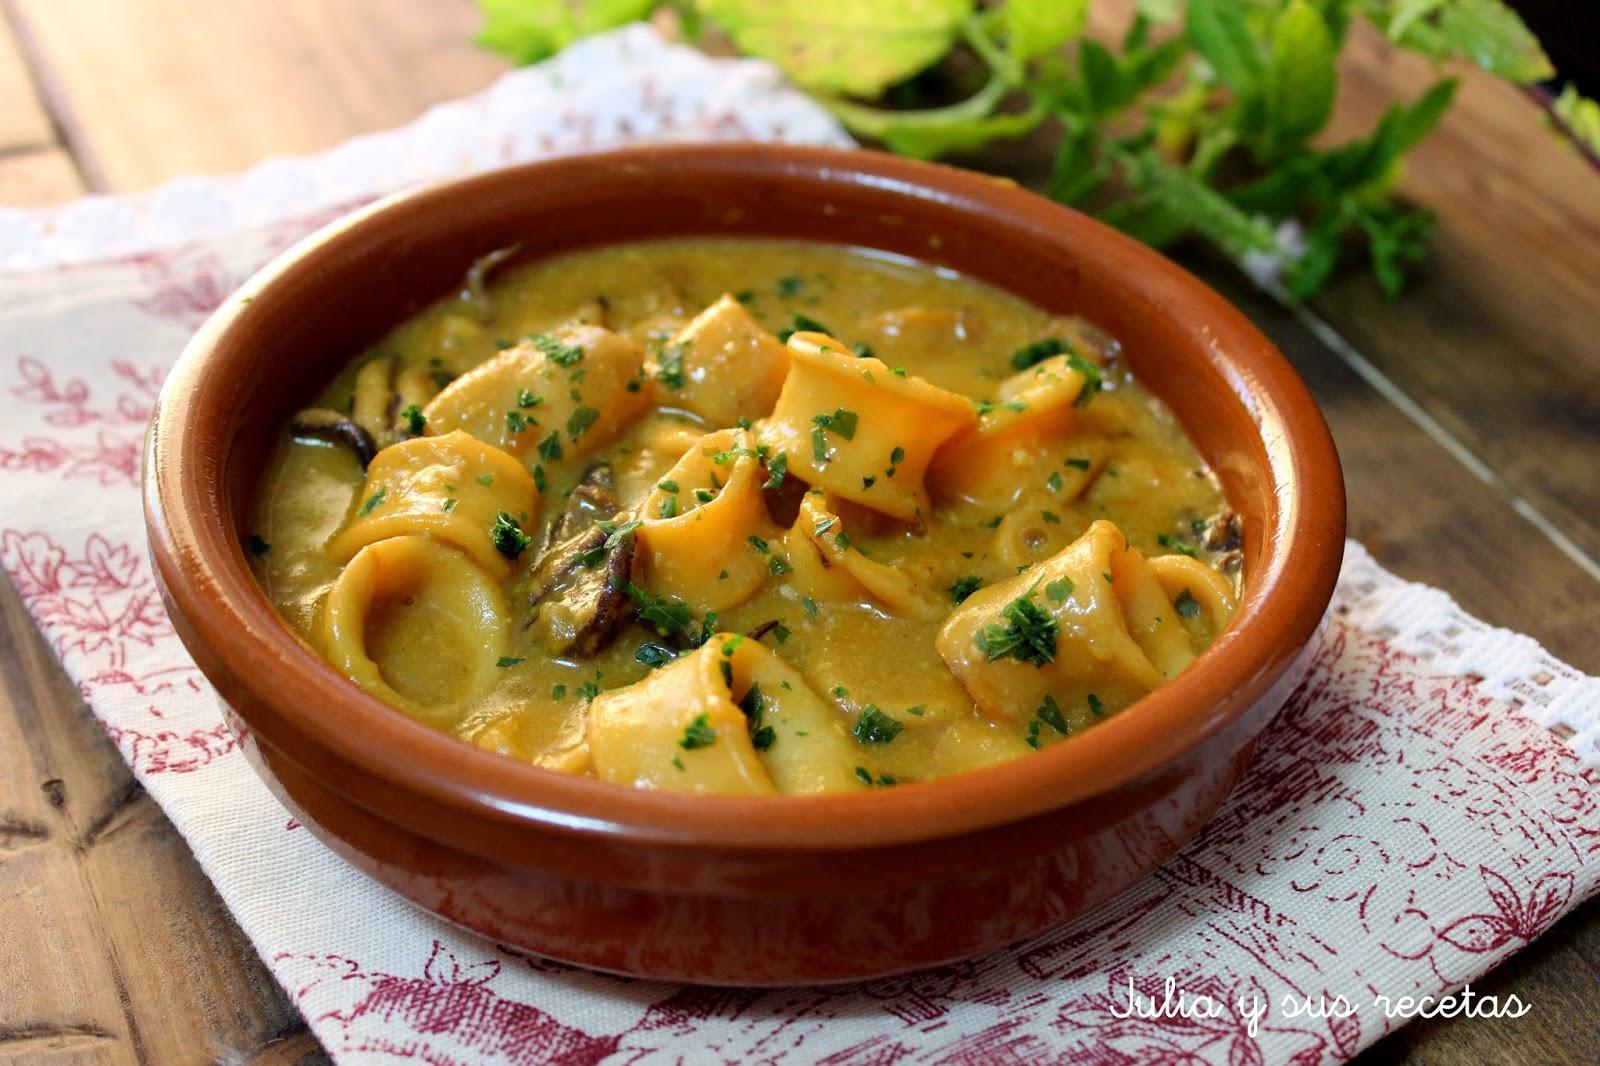 Calamares en salsa de mostaza. Julia y sus recetas